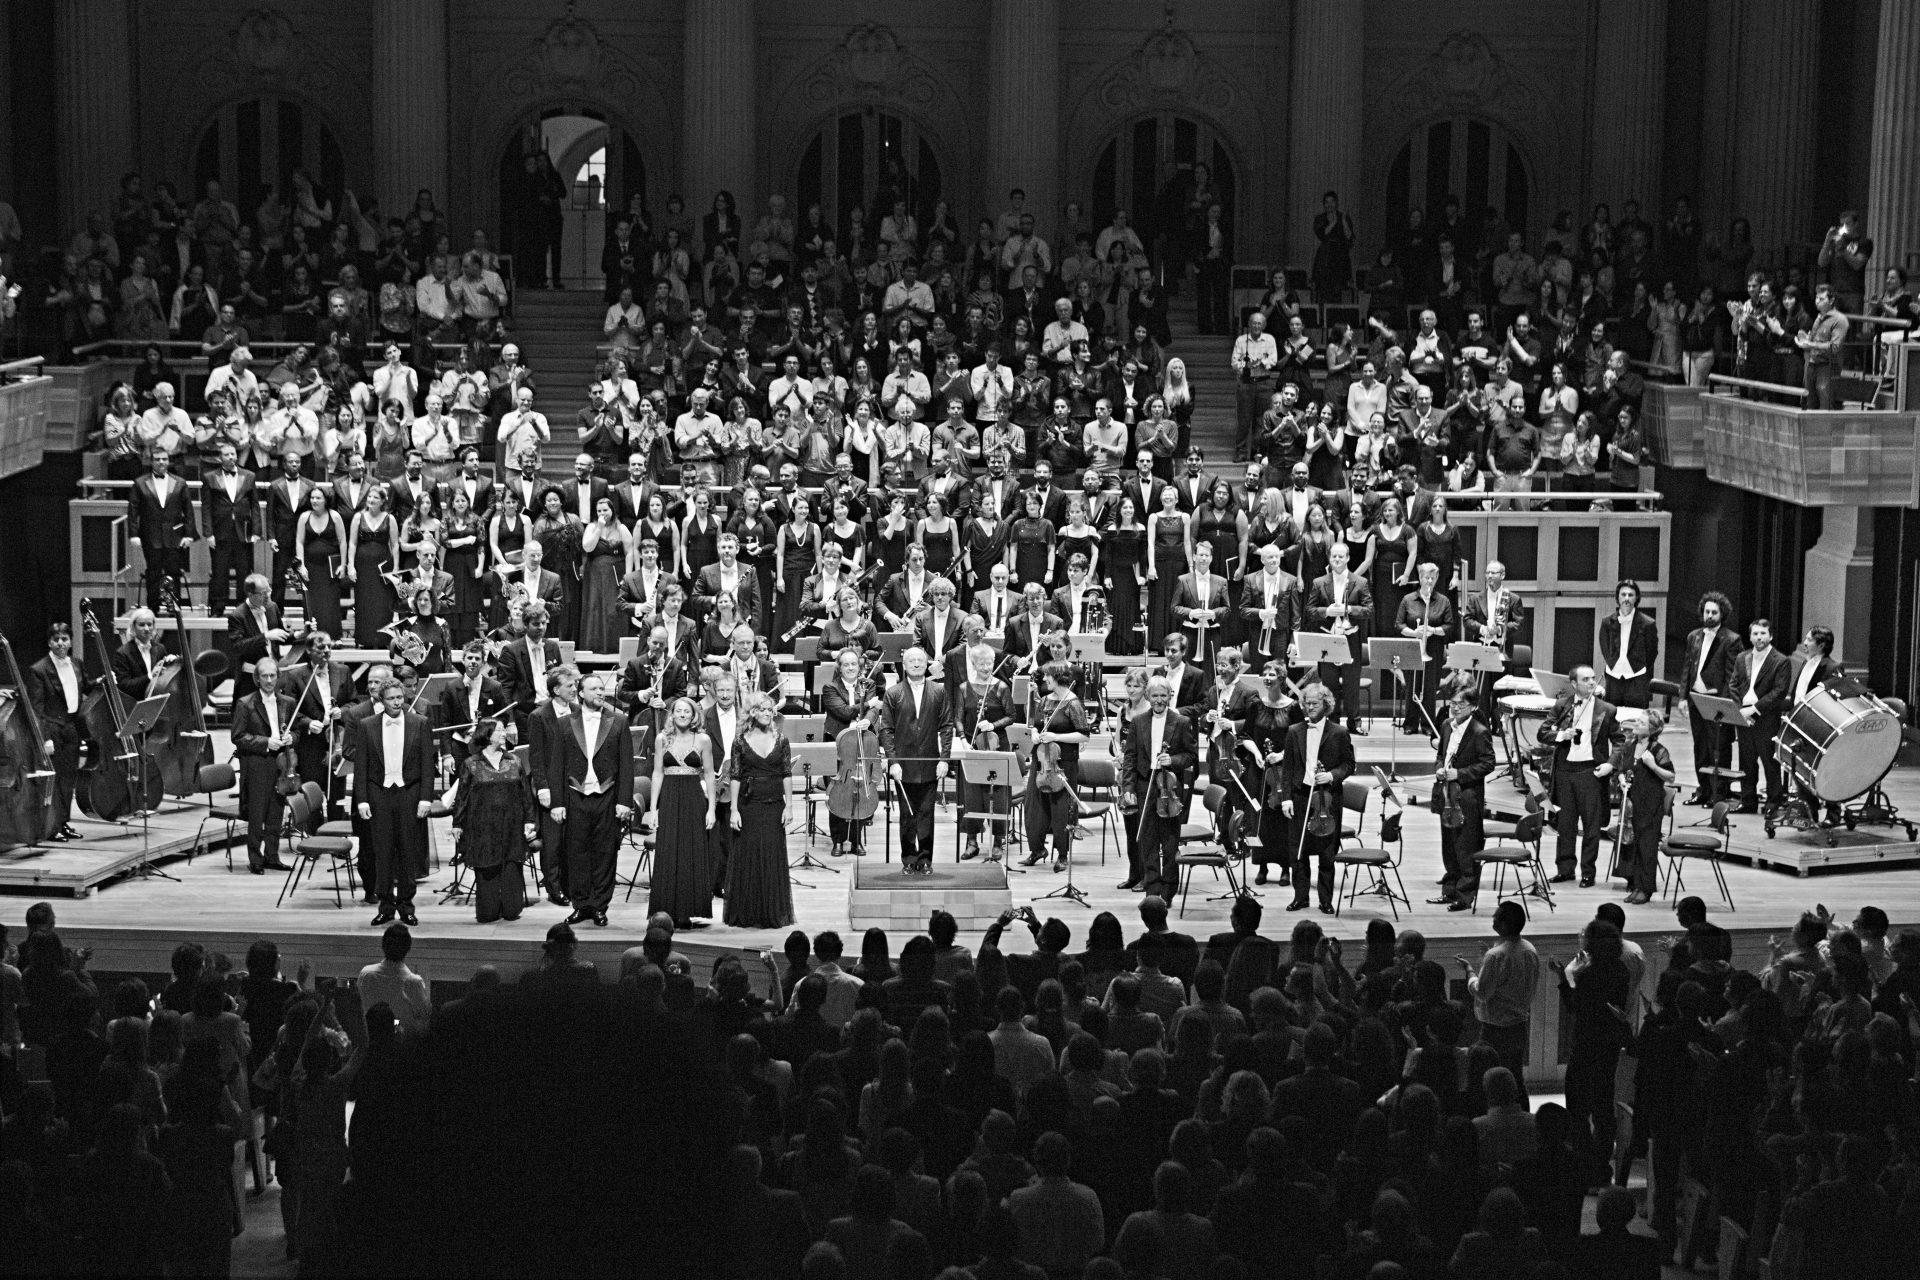 Die deutsche Kammerphilharmonie Bremen in Sao Paulo (In Tune – Variations on an Orchestra)